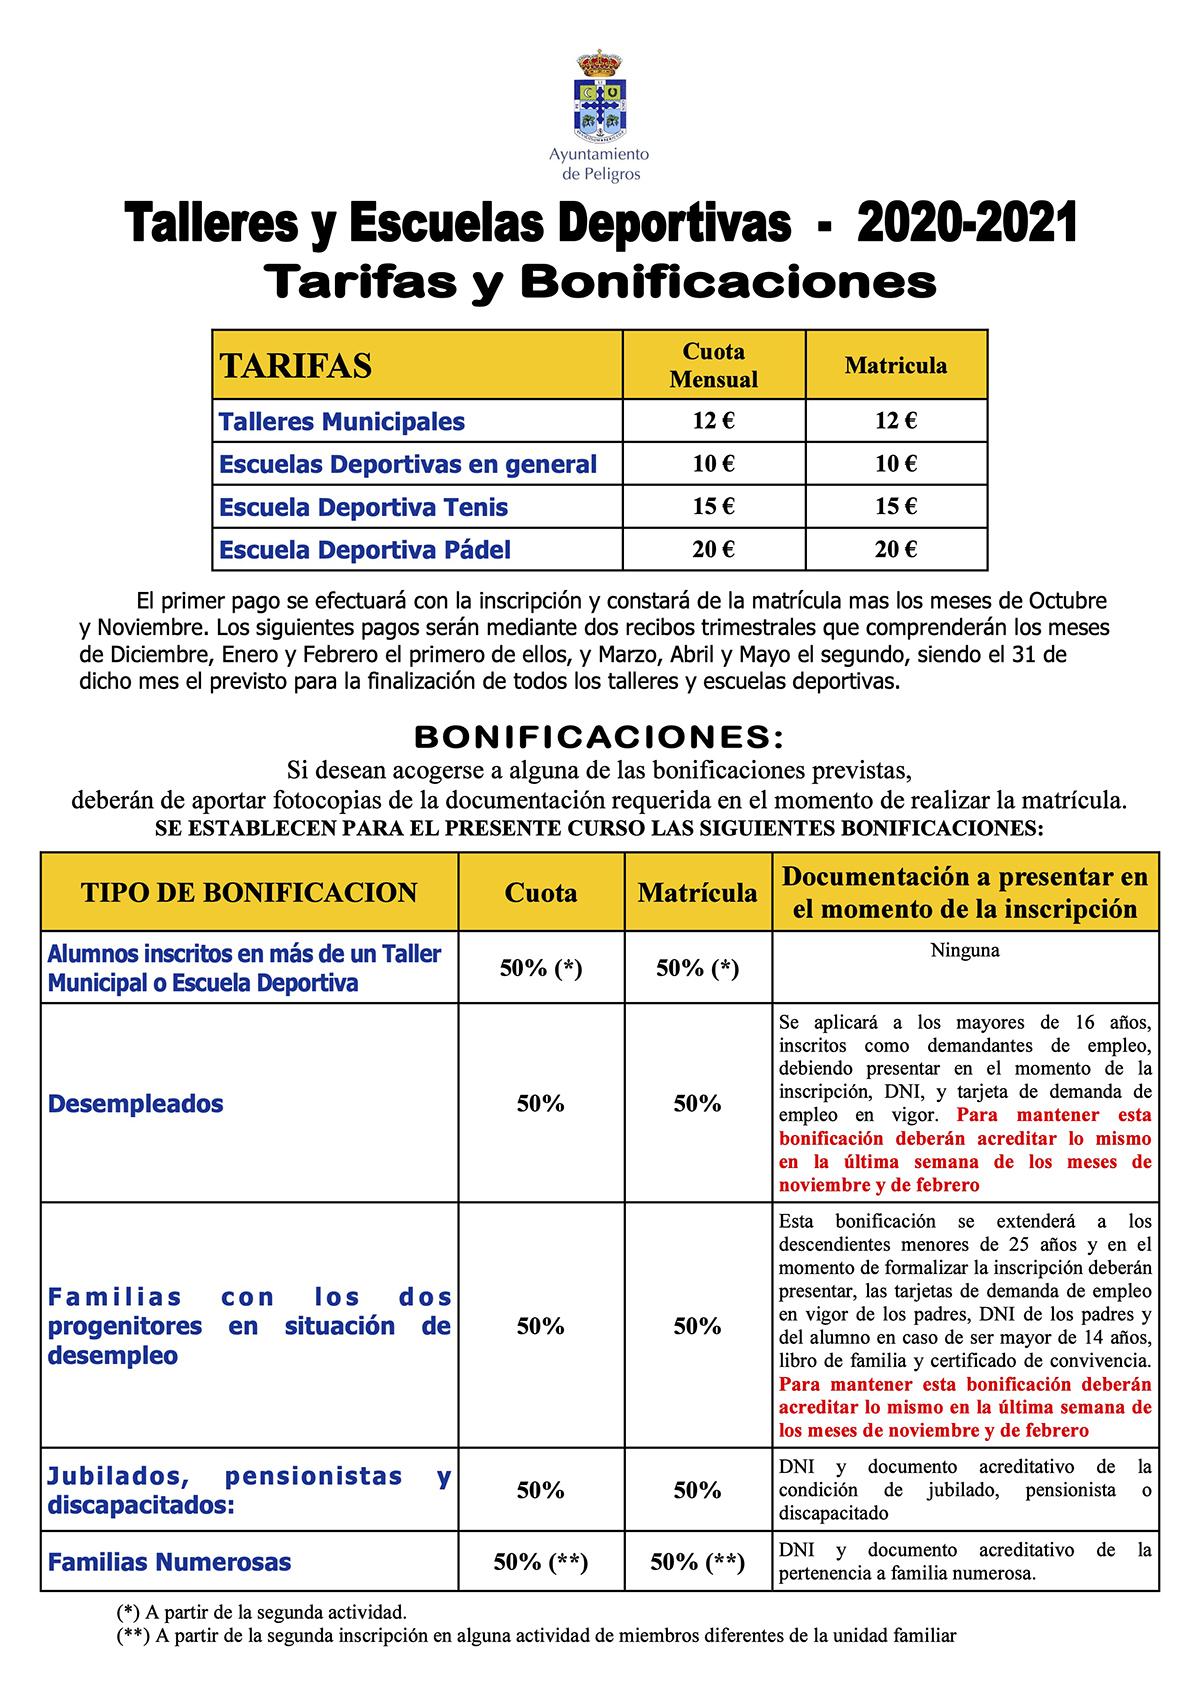 INFO BONIFICACIONES TALLERES Y ESCUELAS DEPORTIVAS-2